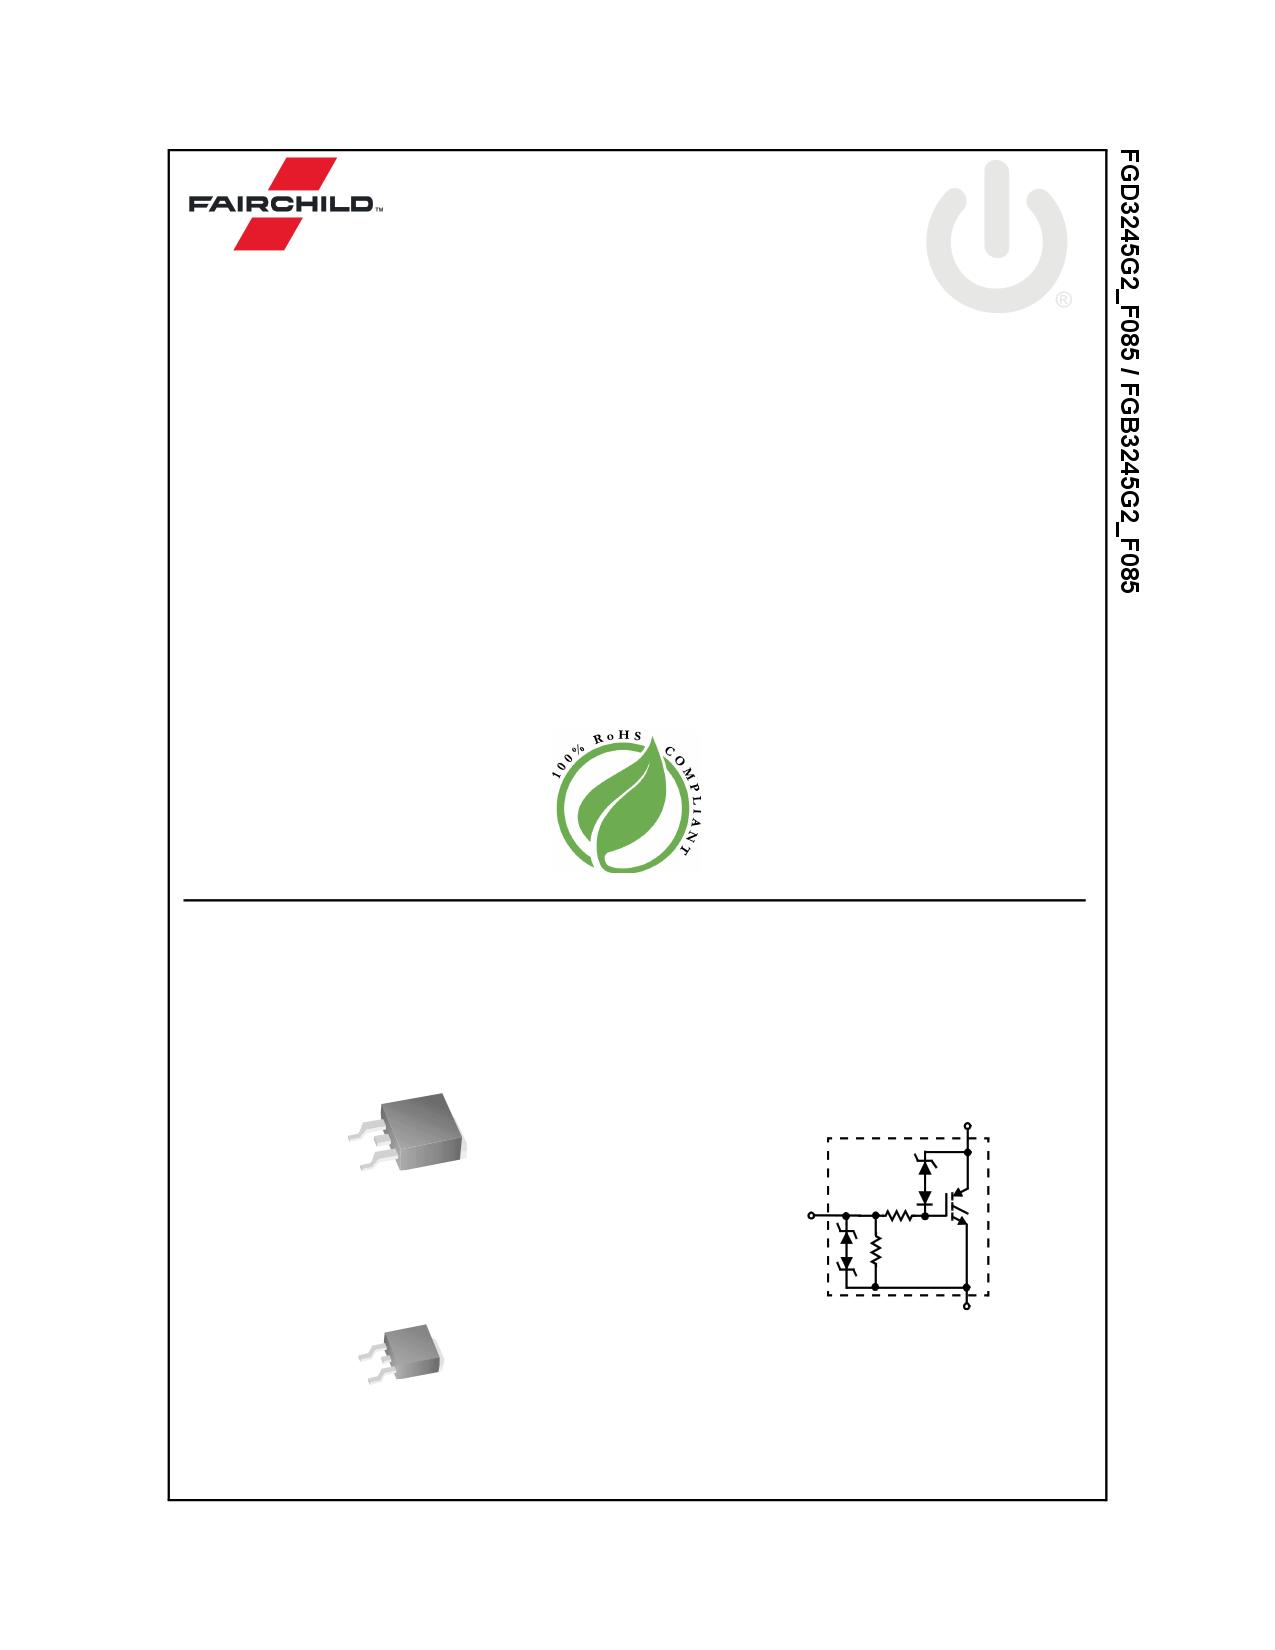 FGB3245G2_F085 데이터시트 및 FGB3245G2_F085 PDF